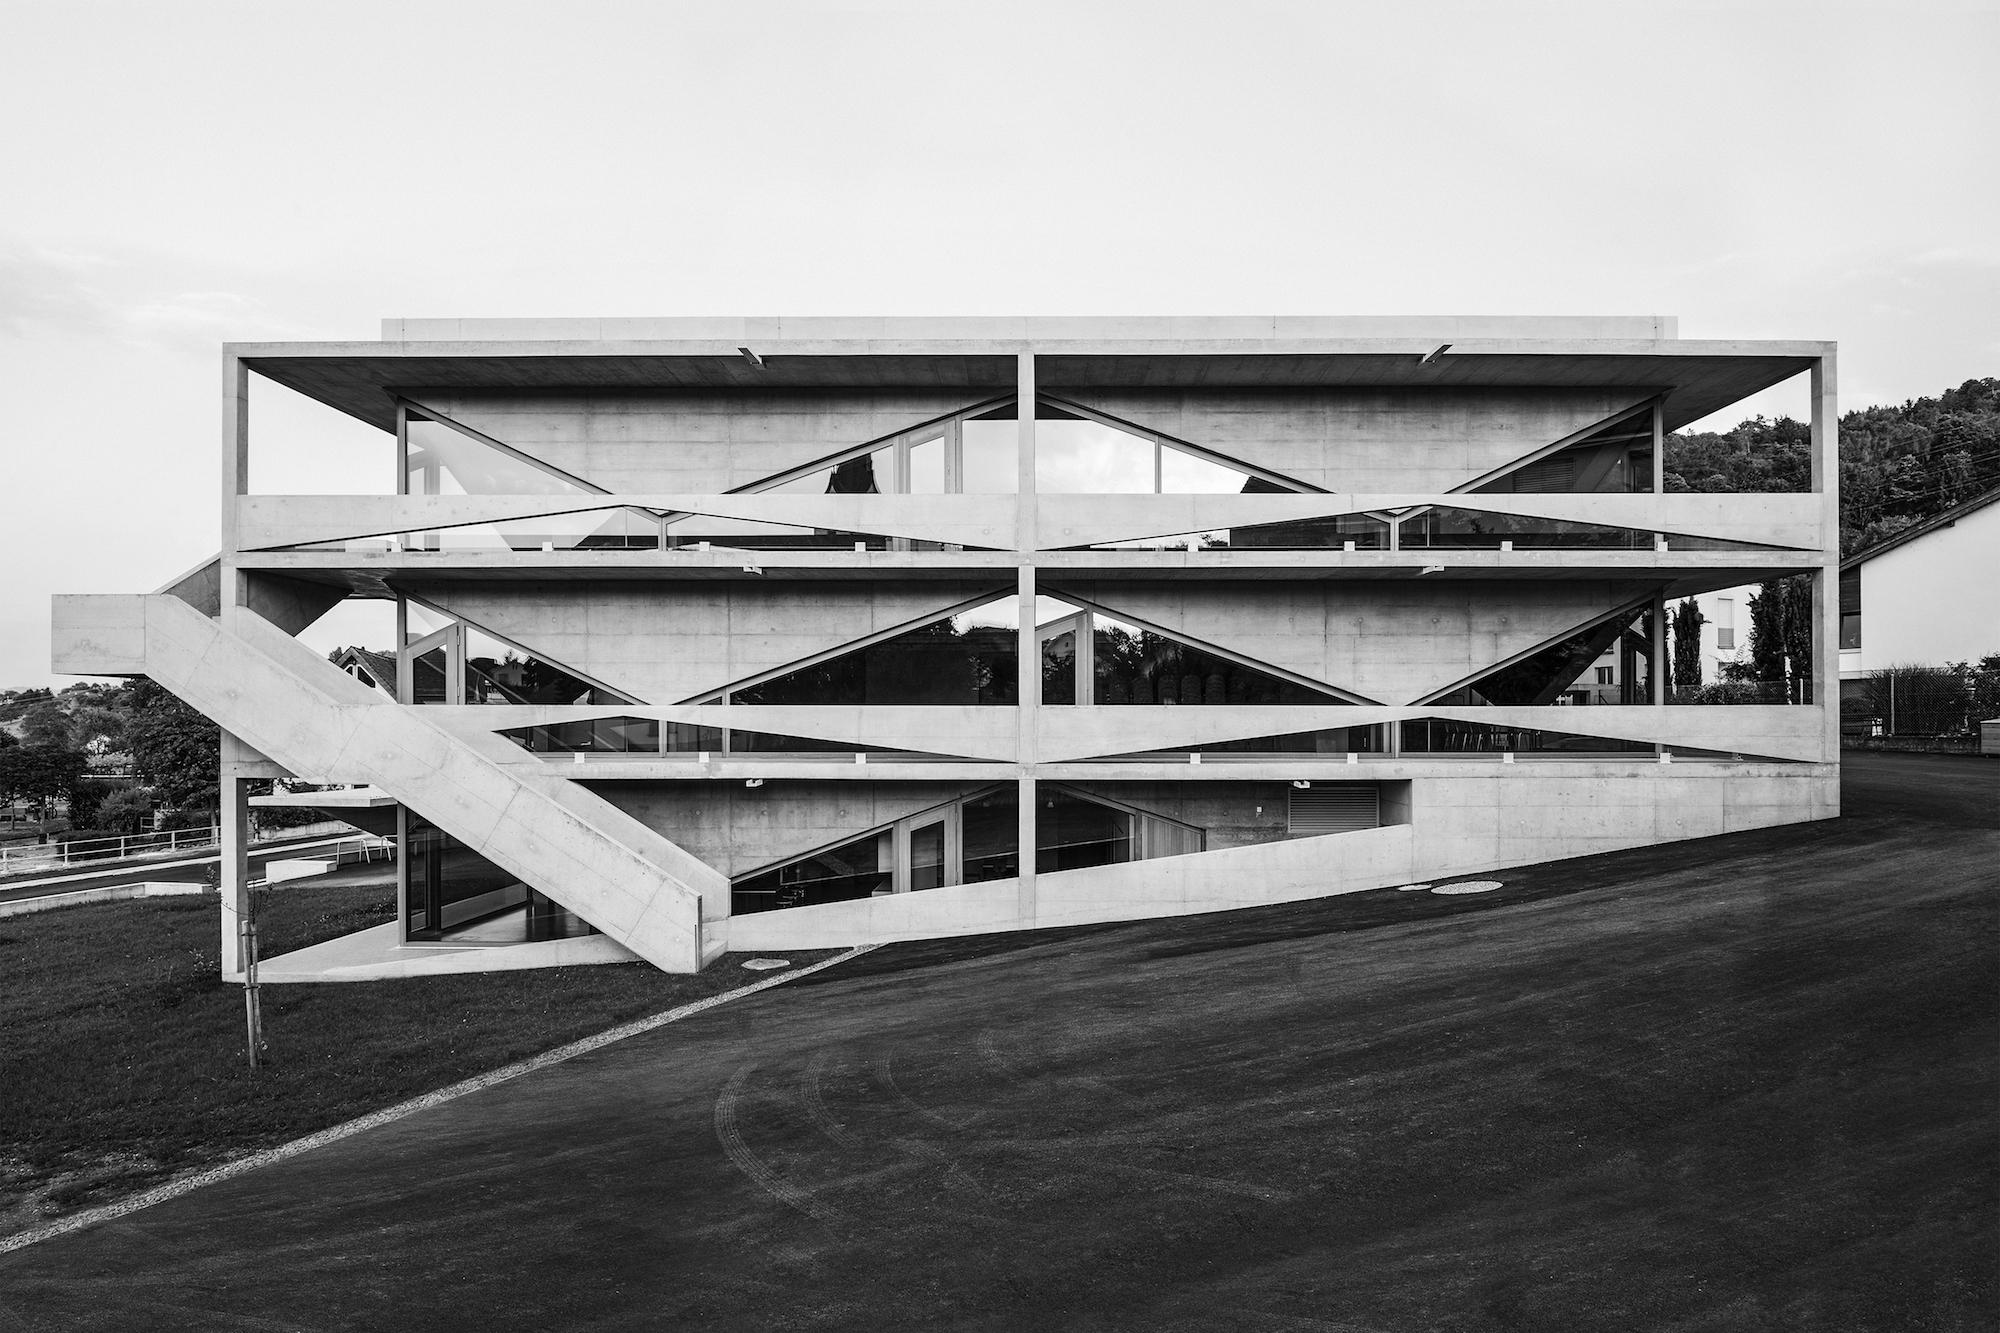 Am liebsten zeigt man sich in der Schweizer Architekturszene mit Gebautem. Ein bisschen Werbung sei erlaubt: Hier etwa für Angela Deuber mit dem Schulhaus Thal im St. Galler Rheintal.